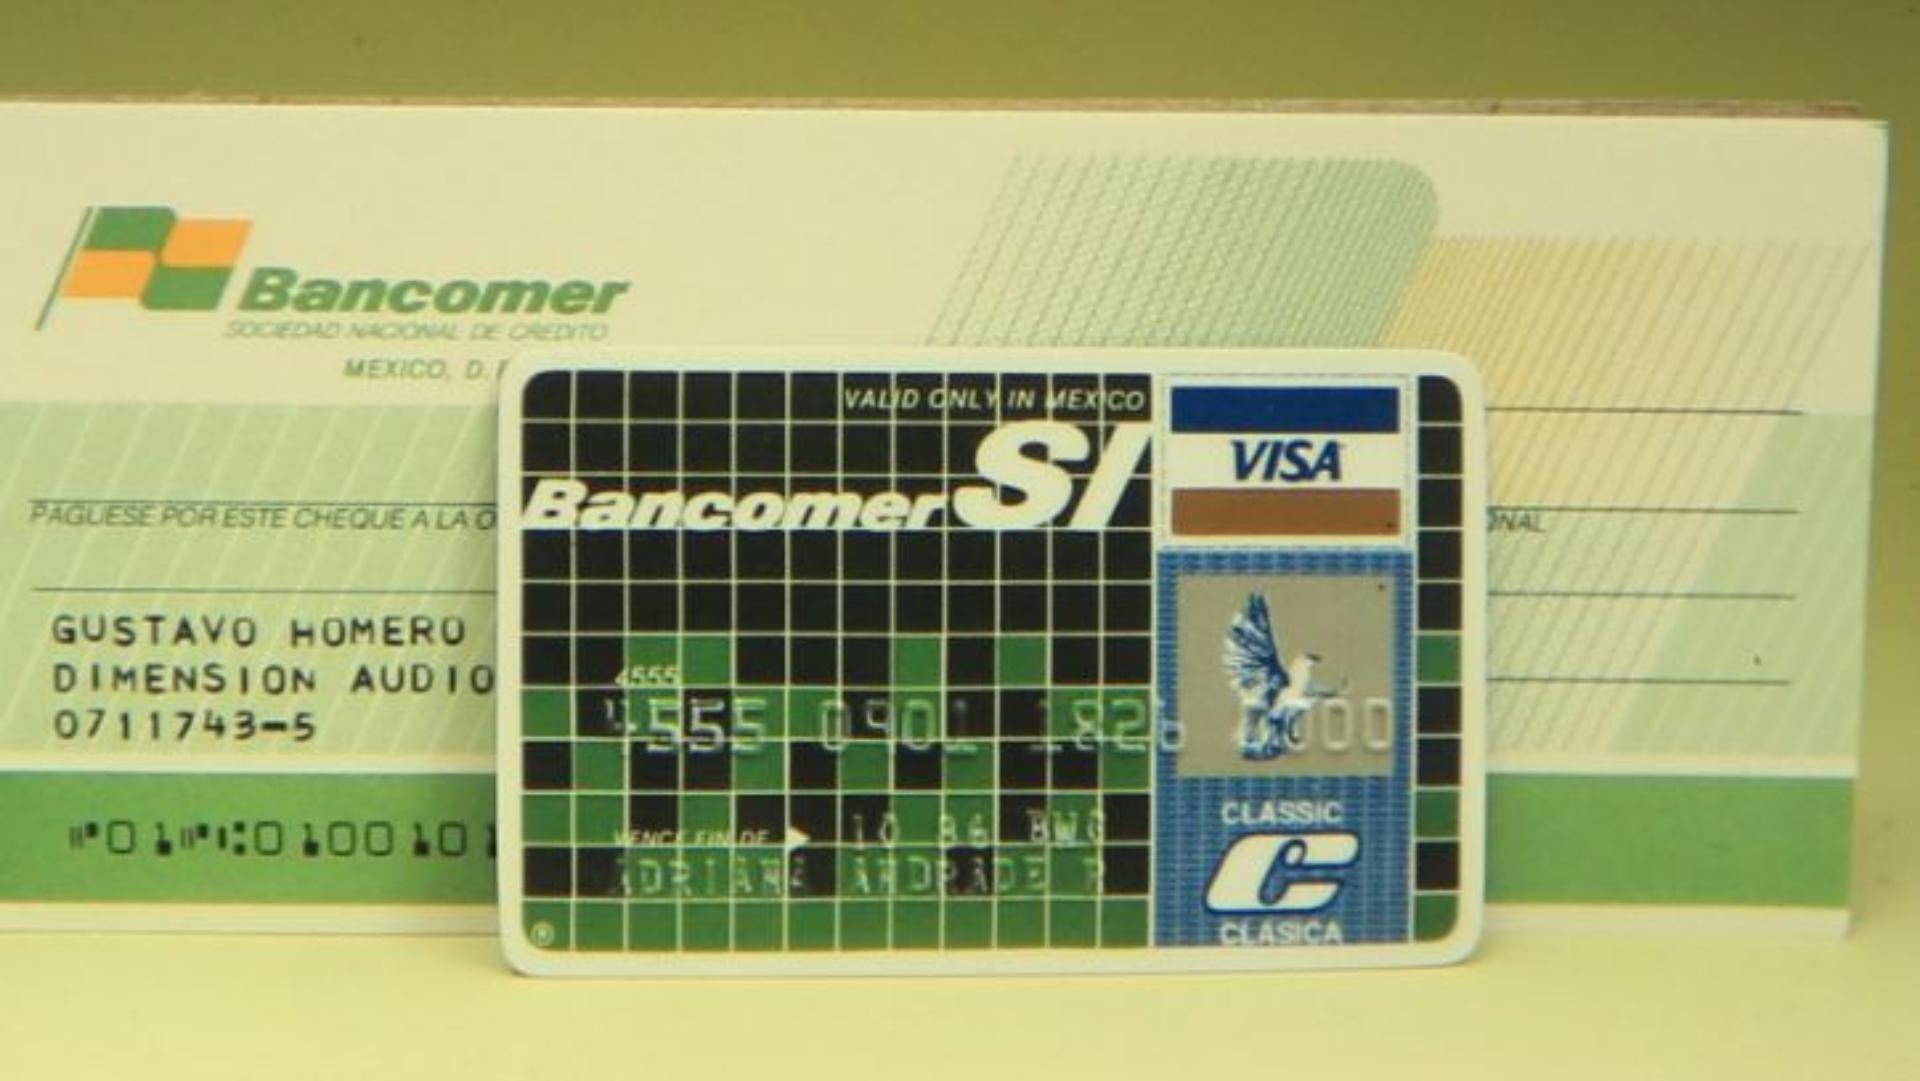 Salió al mercado Bancomer Si, la primera tarjeta de débito en el mercado mexicano (Foto: bbva.com)